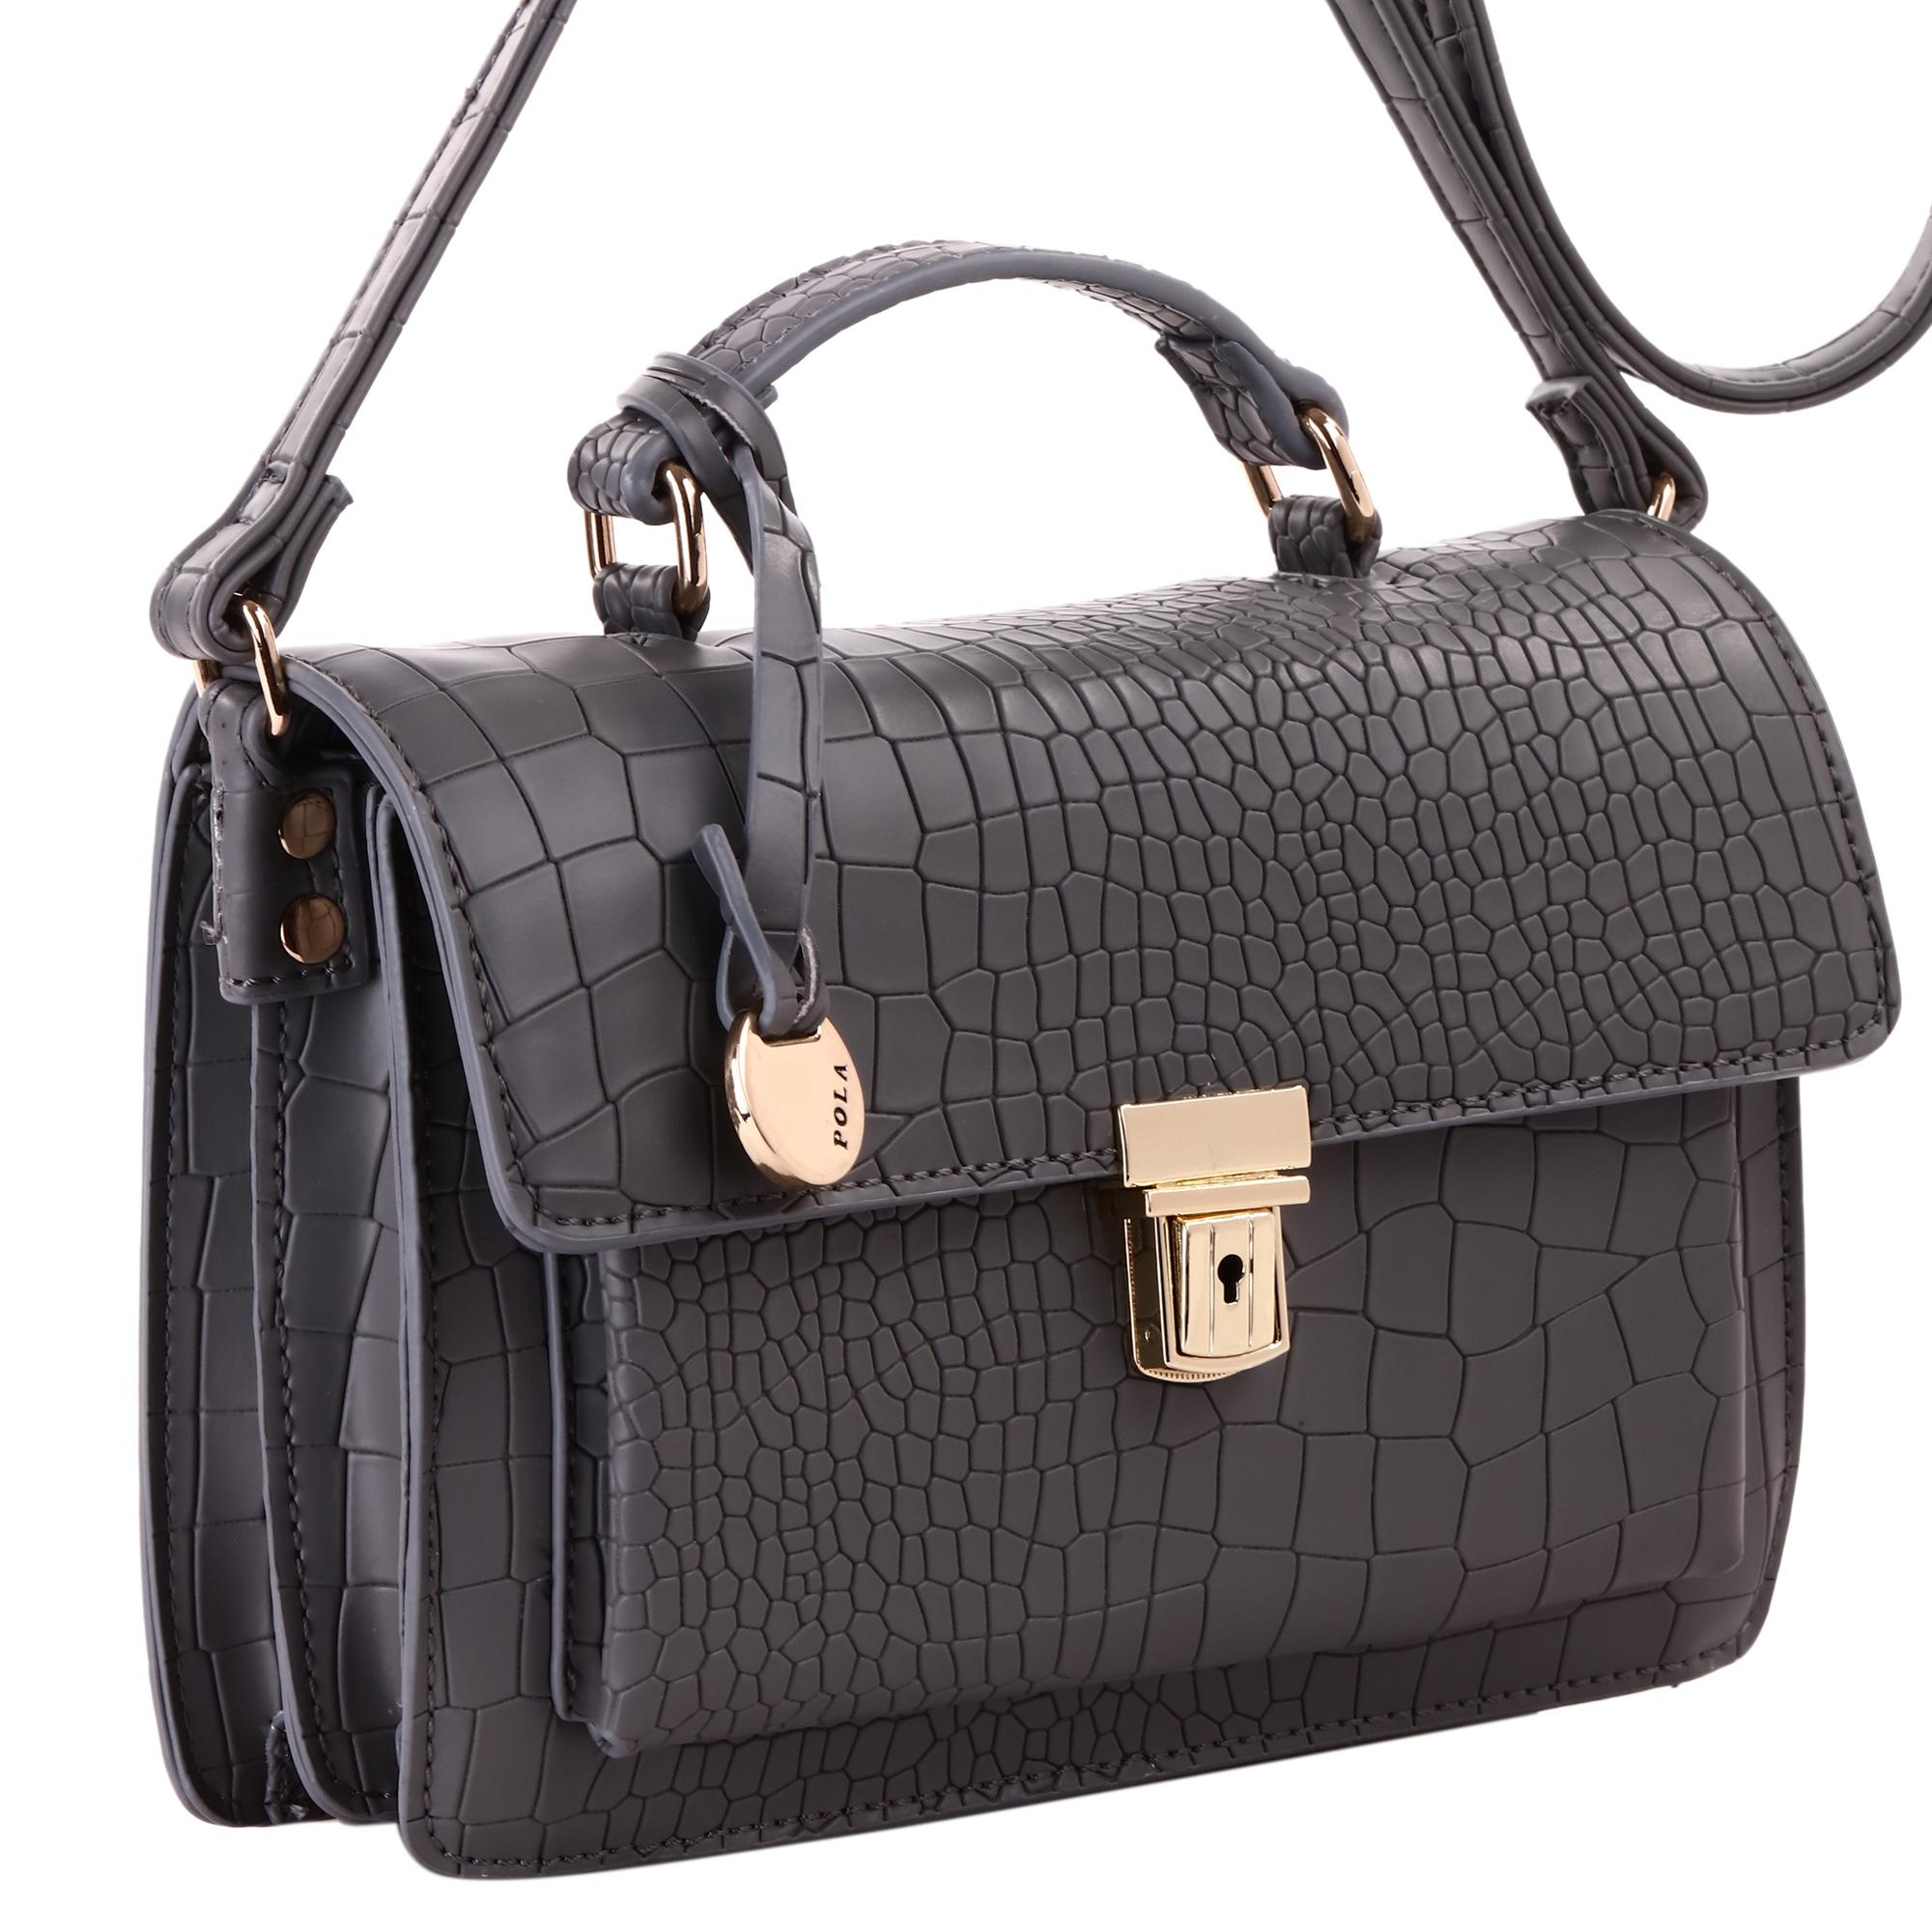 Сумка женская Pola, цвет: серый. 43954395Женская сумка на плечо фирмы Pola выполнена из экокожи. Закрывается клапаном на металлическом замке. Имеет два независимых отделения, внутри небольшой карман на молнии и один открытый карман. Под клапаном вместительный открытый карман. Плечевой ремень несъемный, регулируемый по длине, максимальная высота 55 см. Высота ручки 5 см. Цвет фурнитуры- золото.